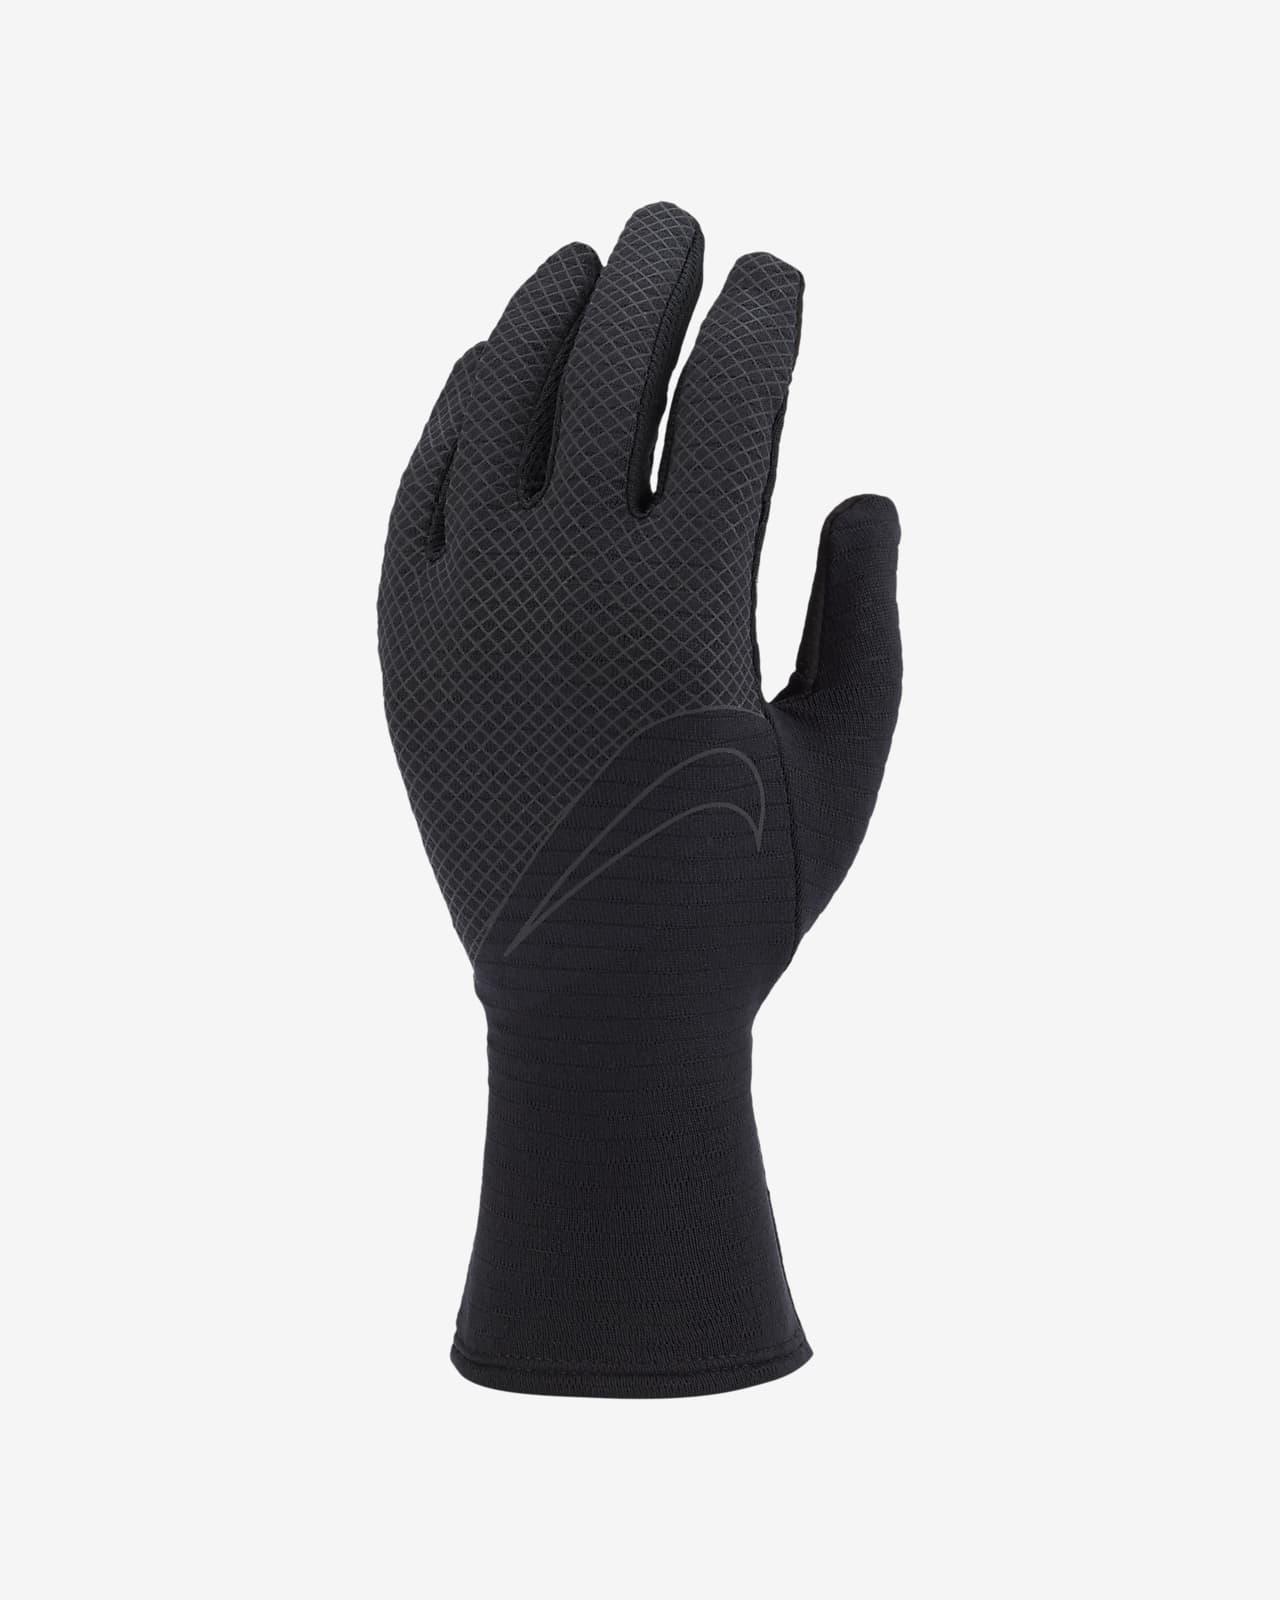 Nike Sphere 360 Women's Running Gloves